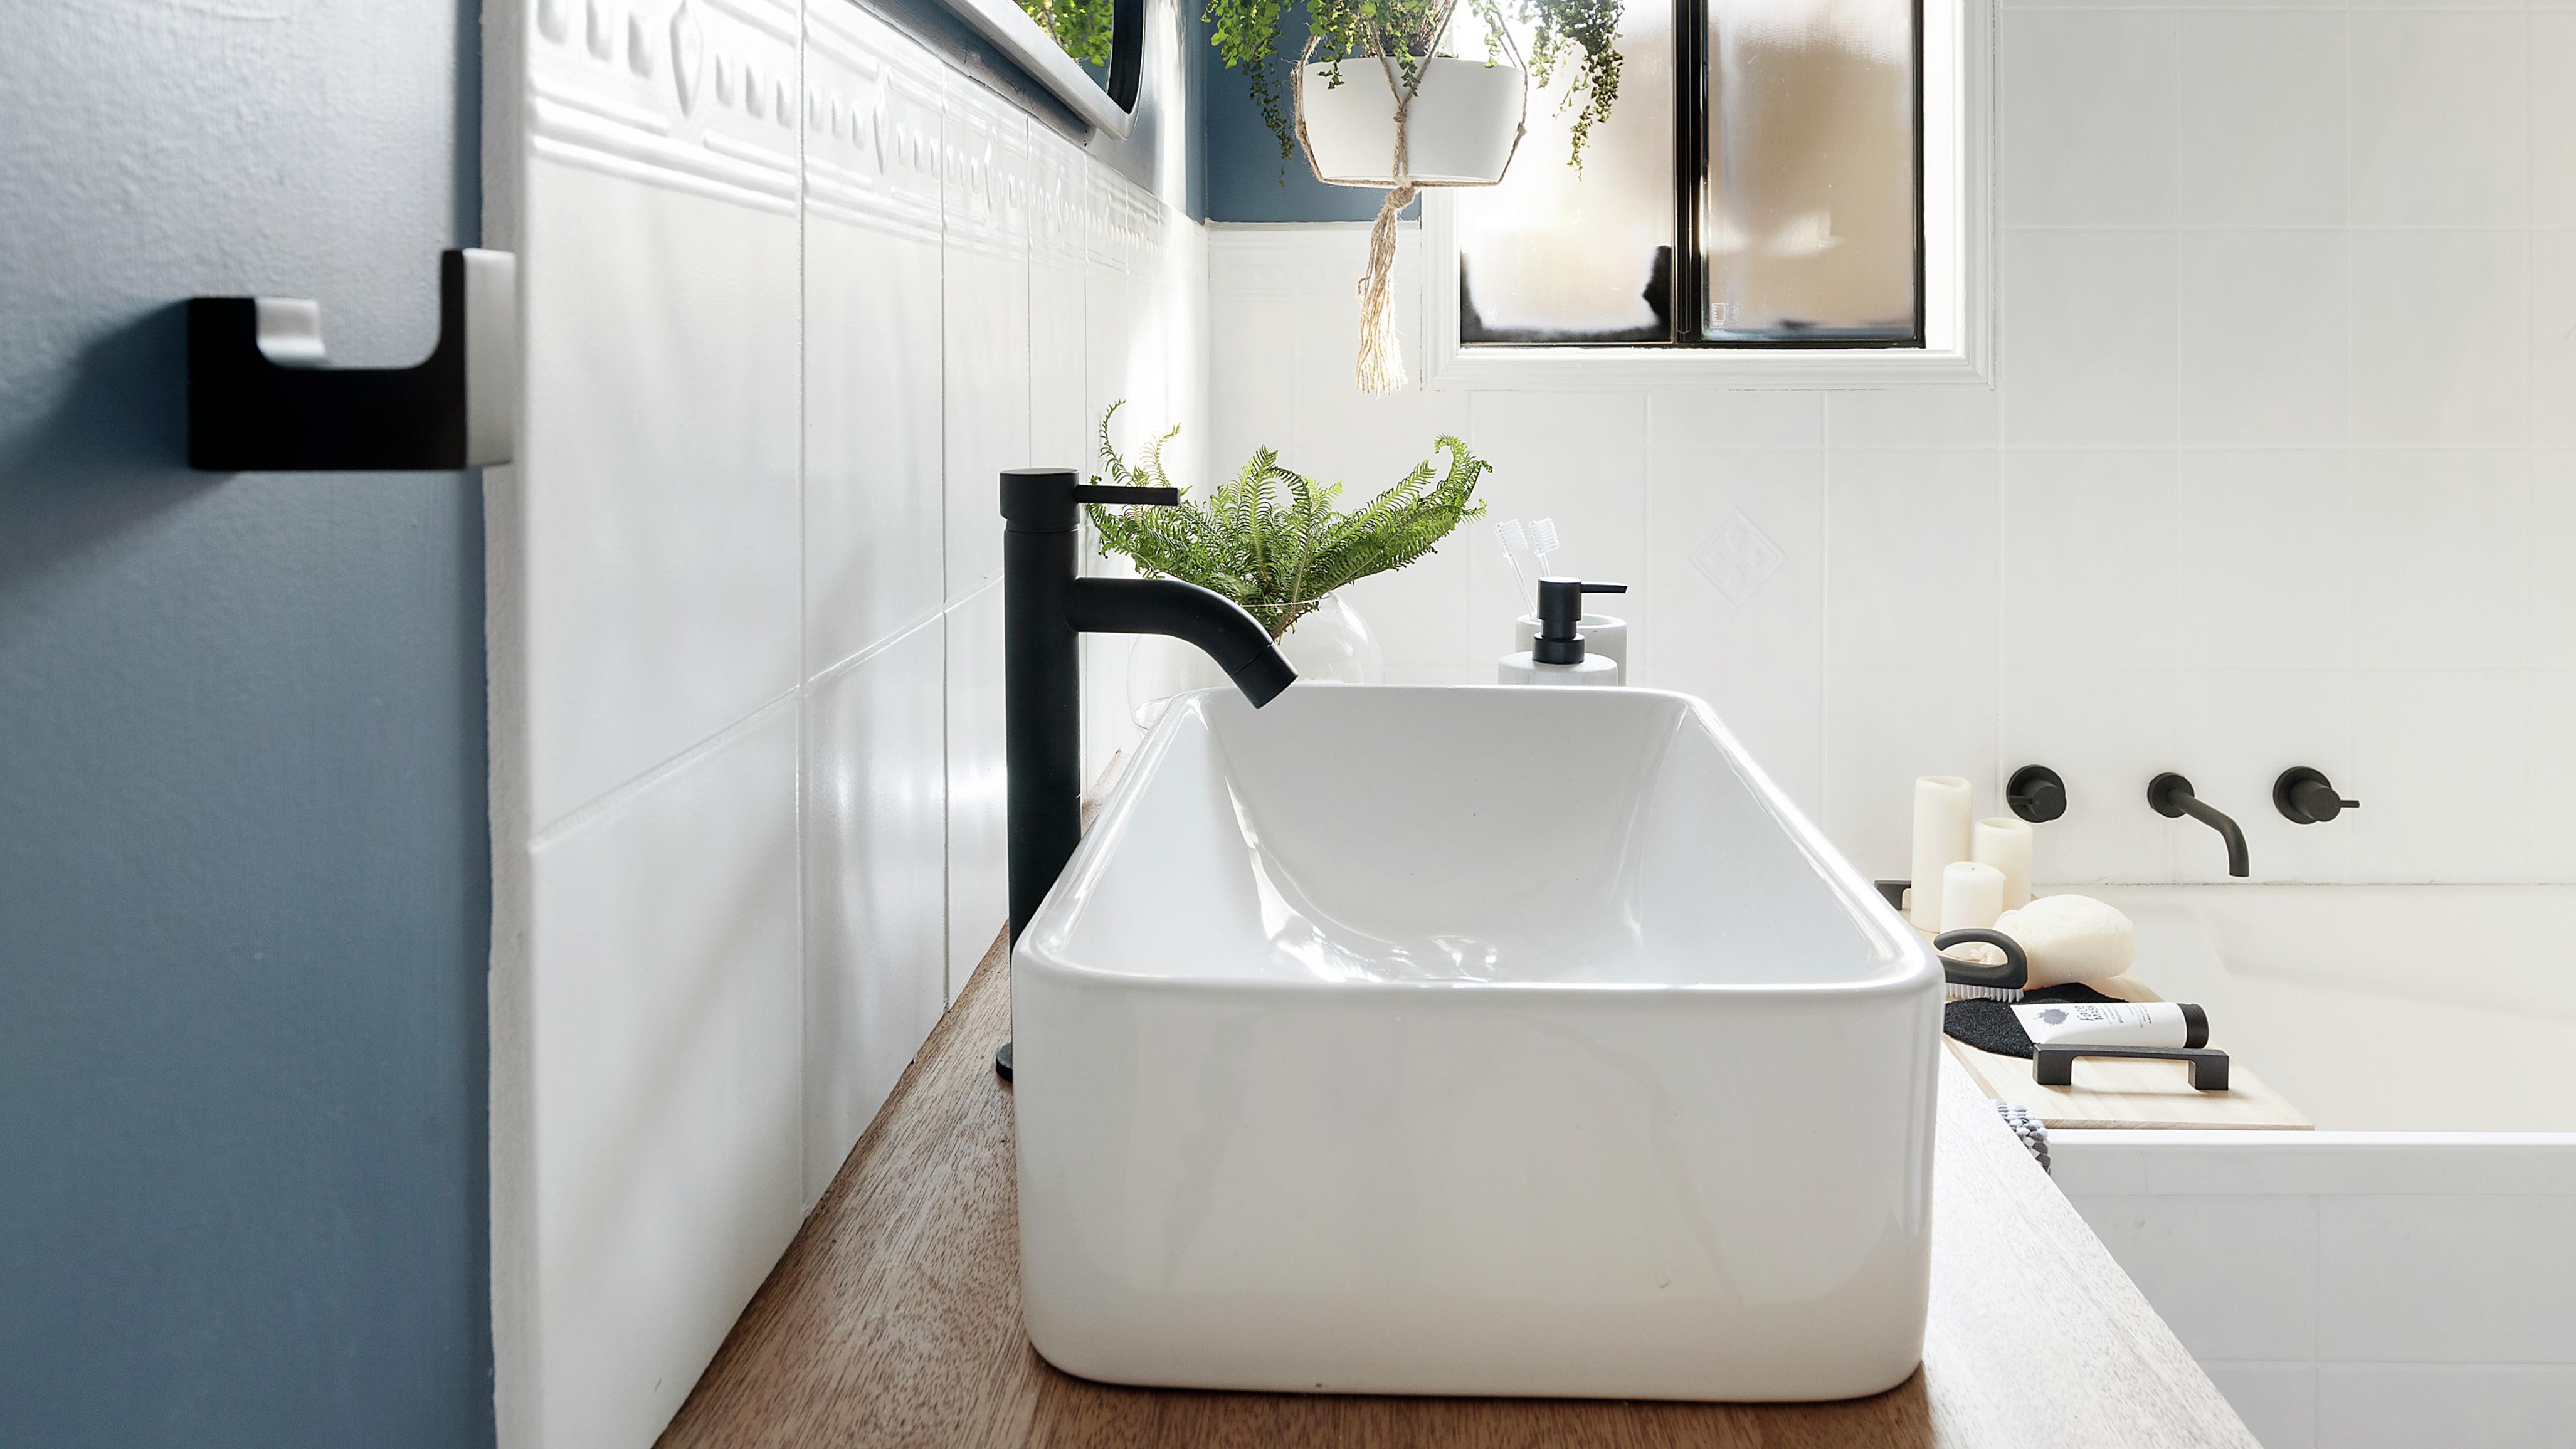 Bathroom featuring black tapware.